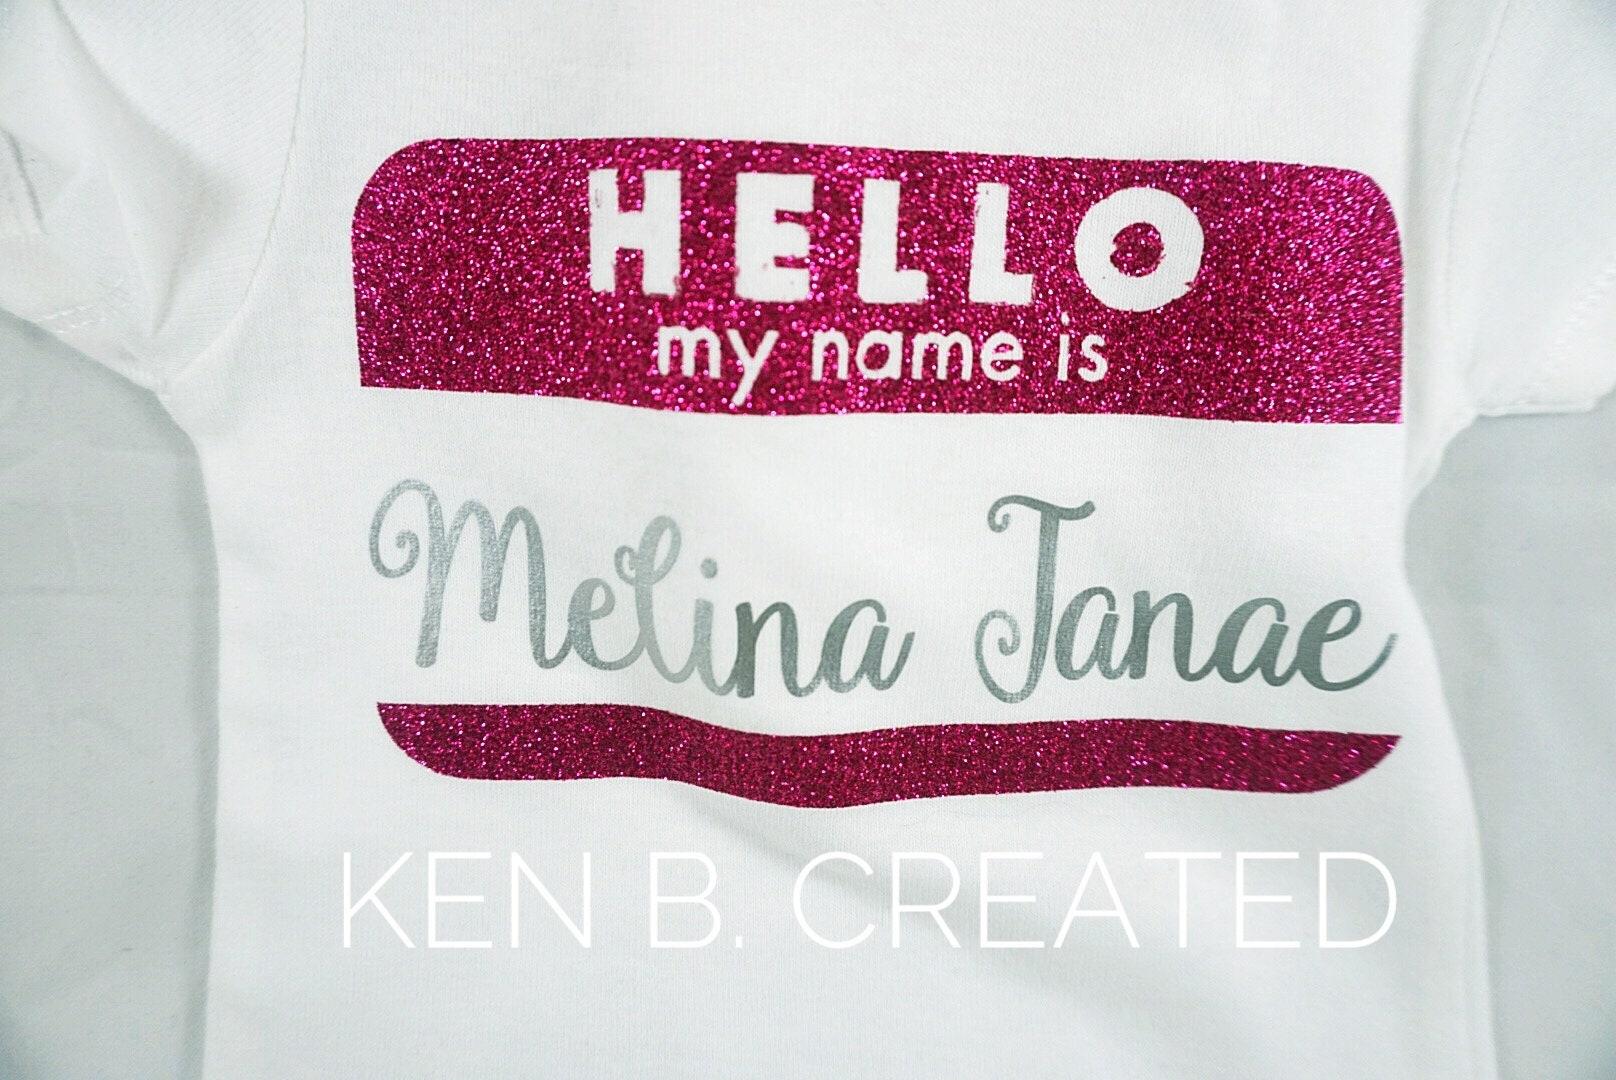 Newborn Baby Onesie Glitter Hot Pink Girl 6 Month Bodysuit Shower Gift Birthday Present New Parent